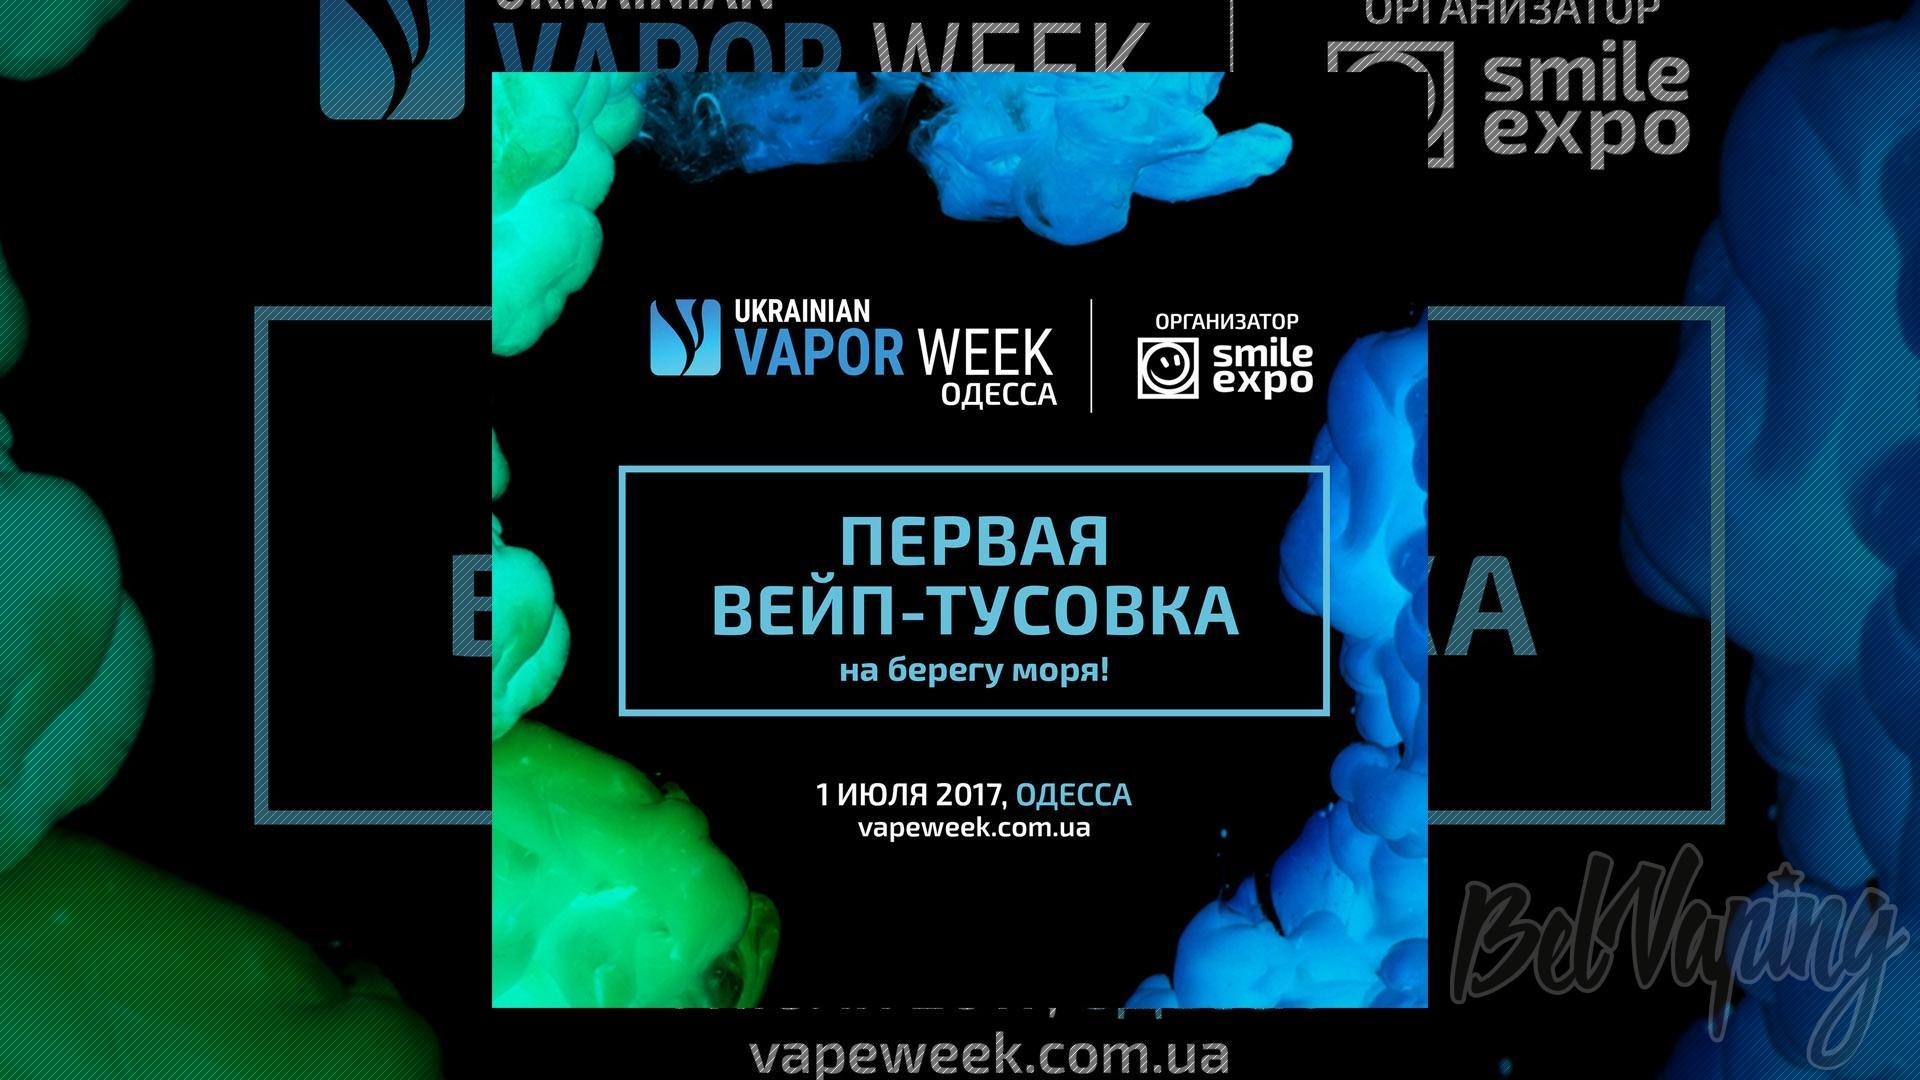 Ukrainian Vapor Week Одесса 2017 впервые соберёт вейперов на берегу моря